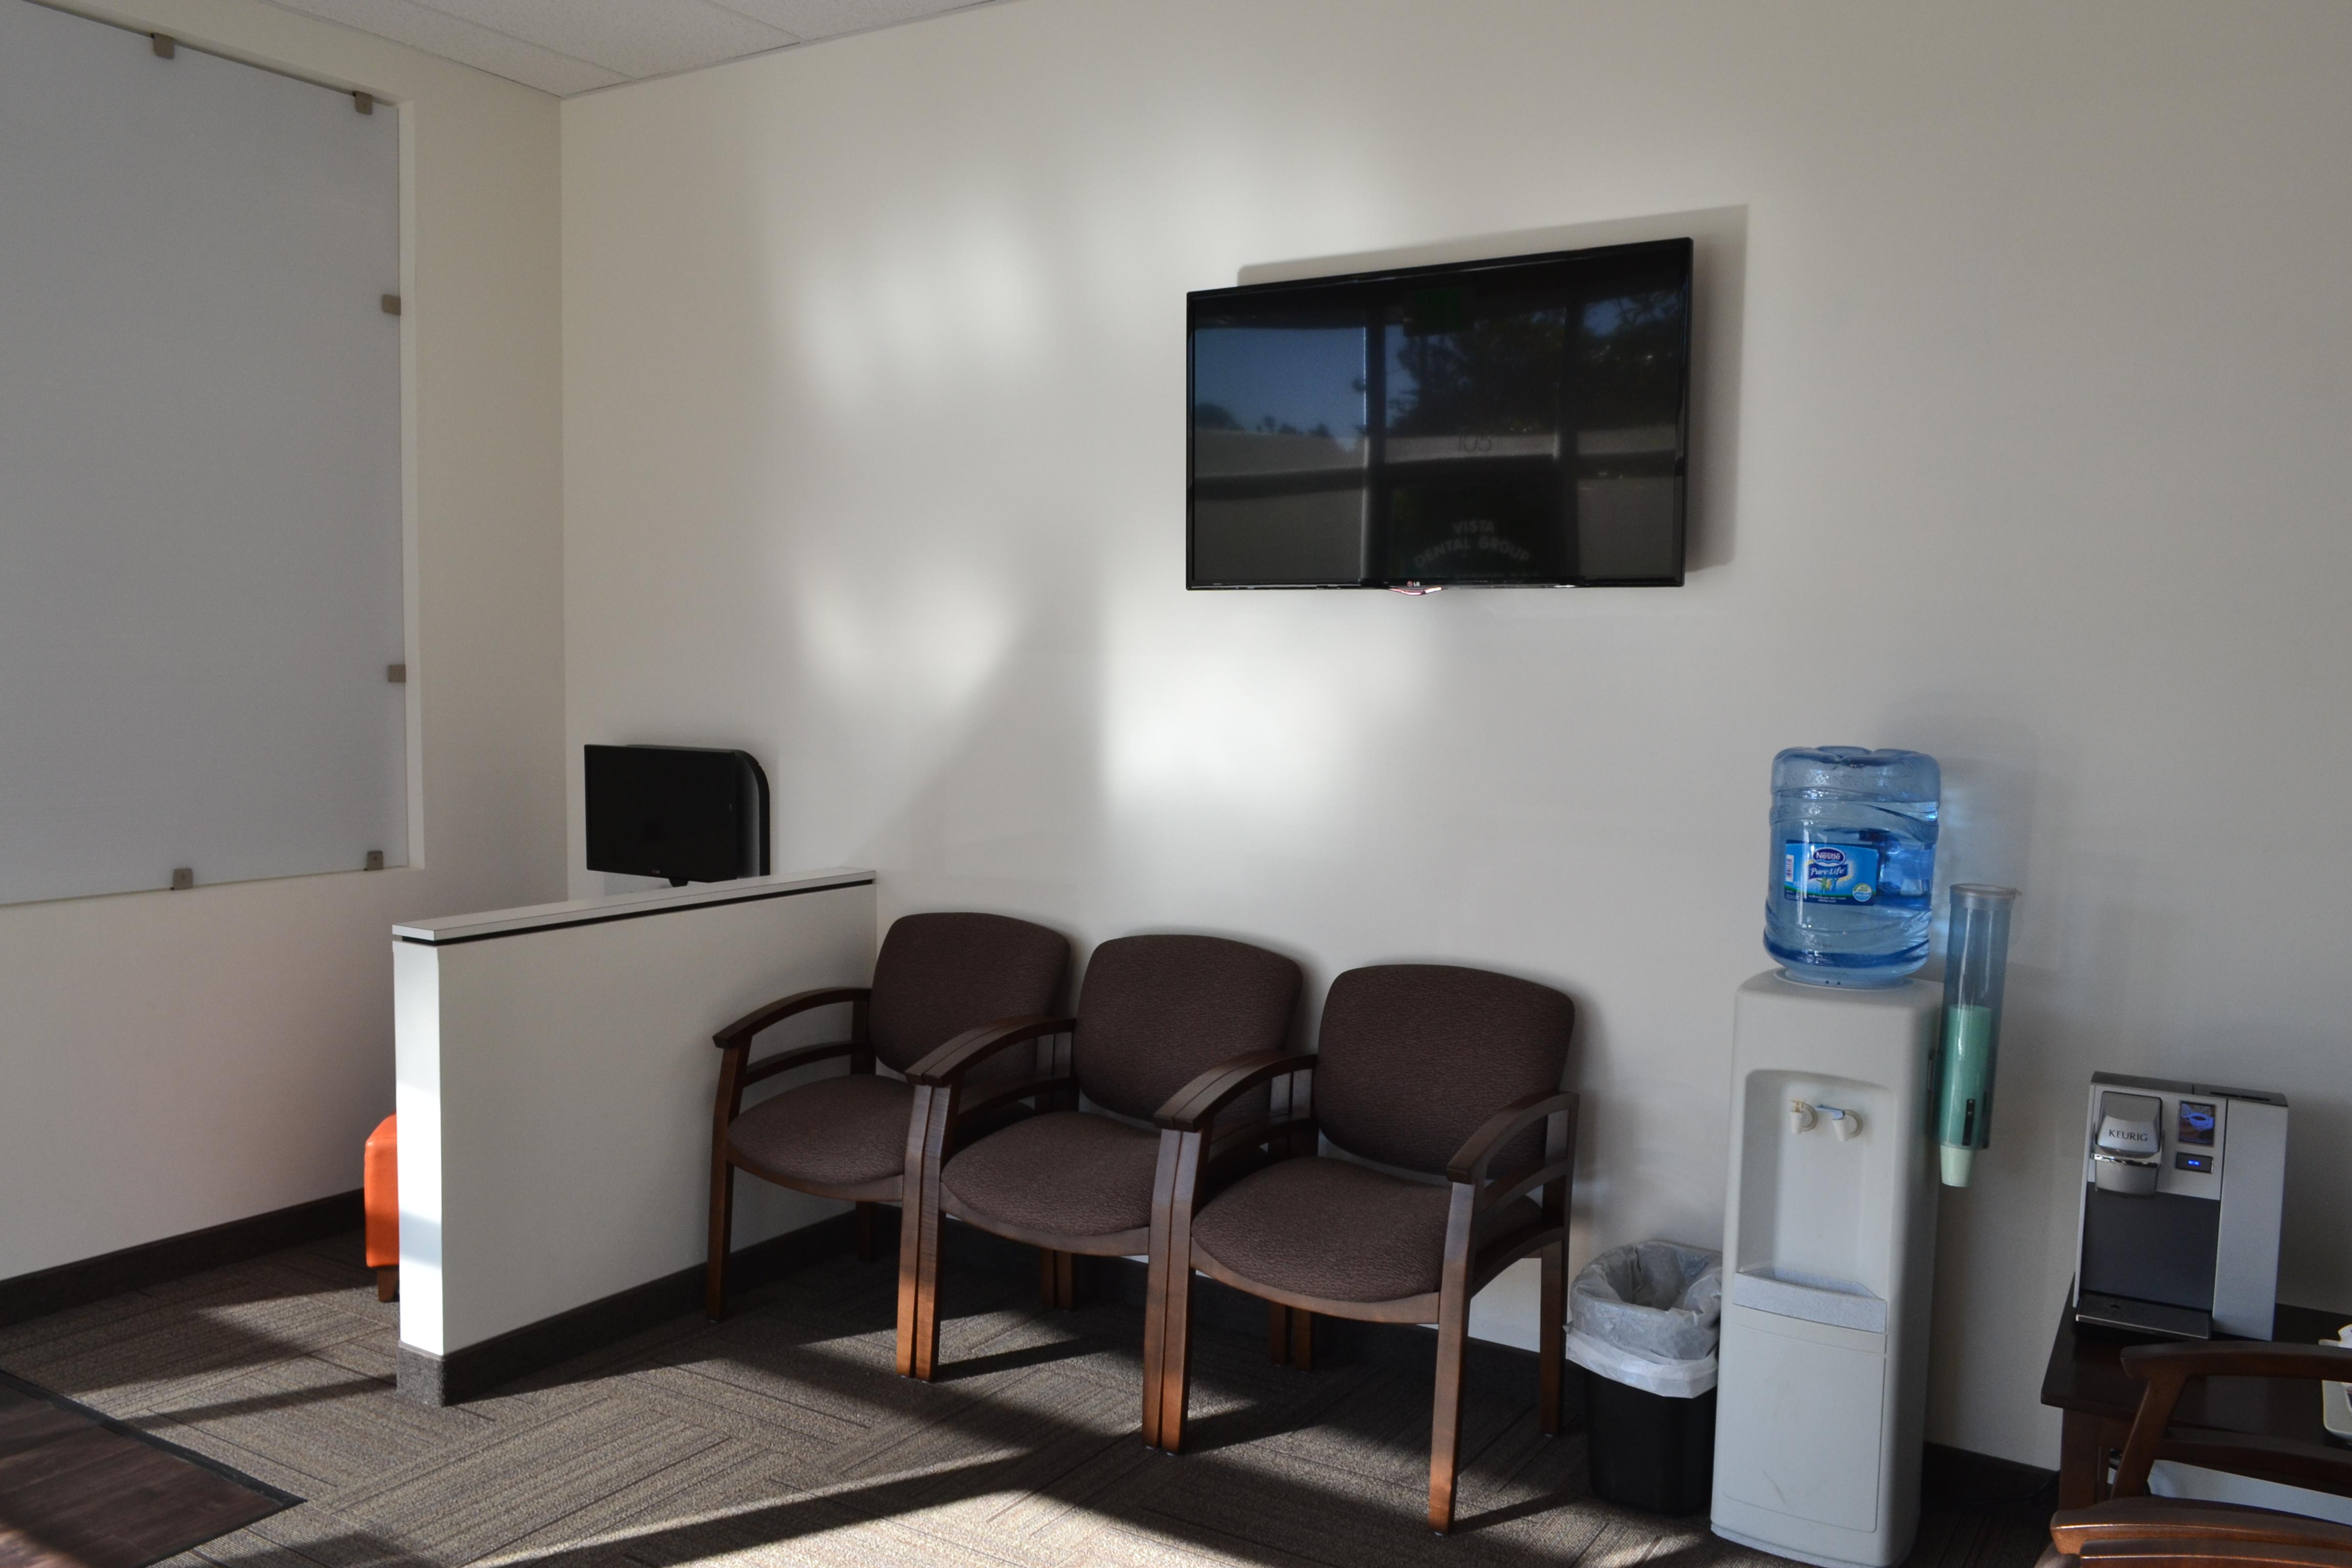 Vista Dental Group image 3